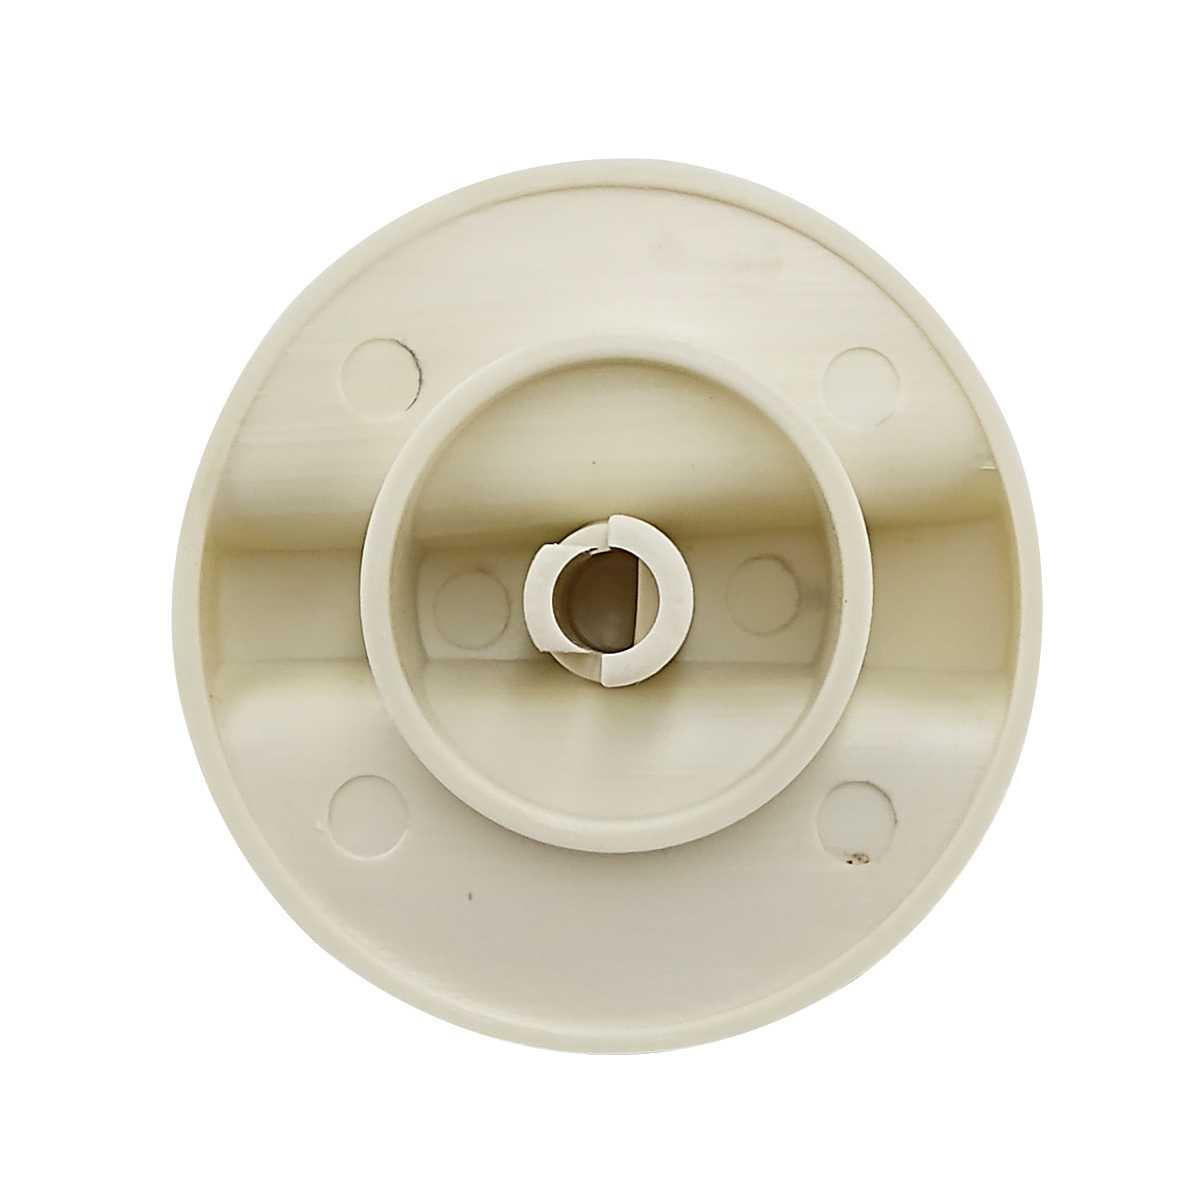 Botão do dreno compatível tanquinho Arno 1/2 cana